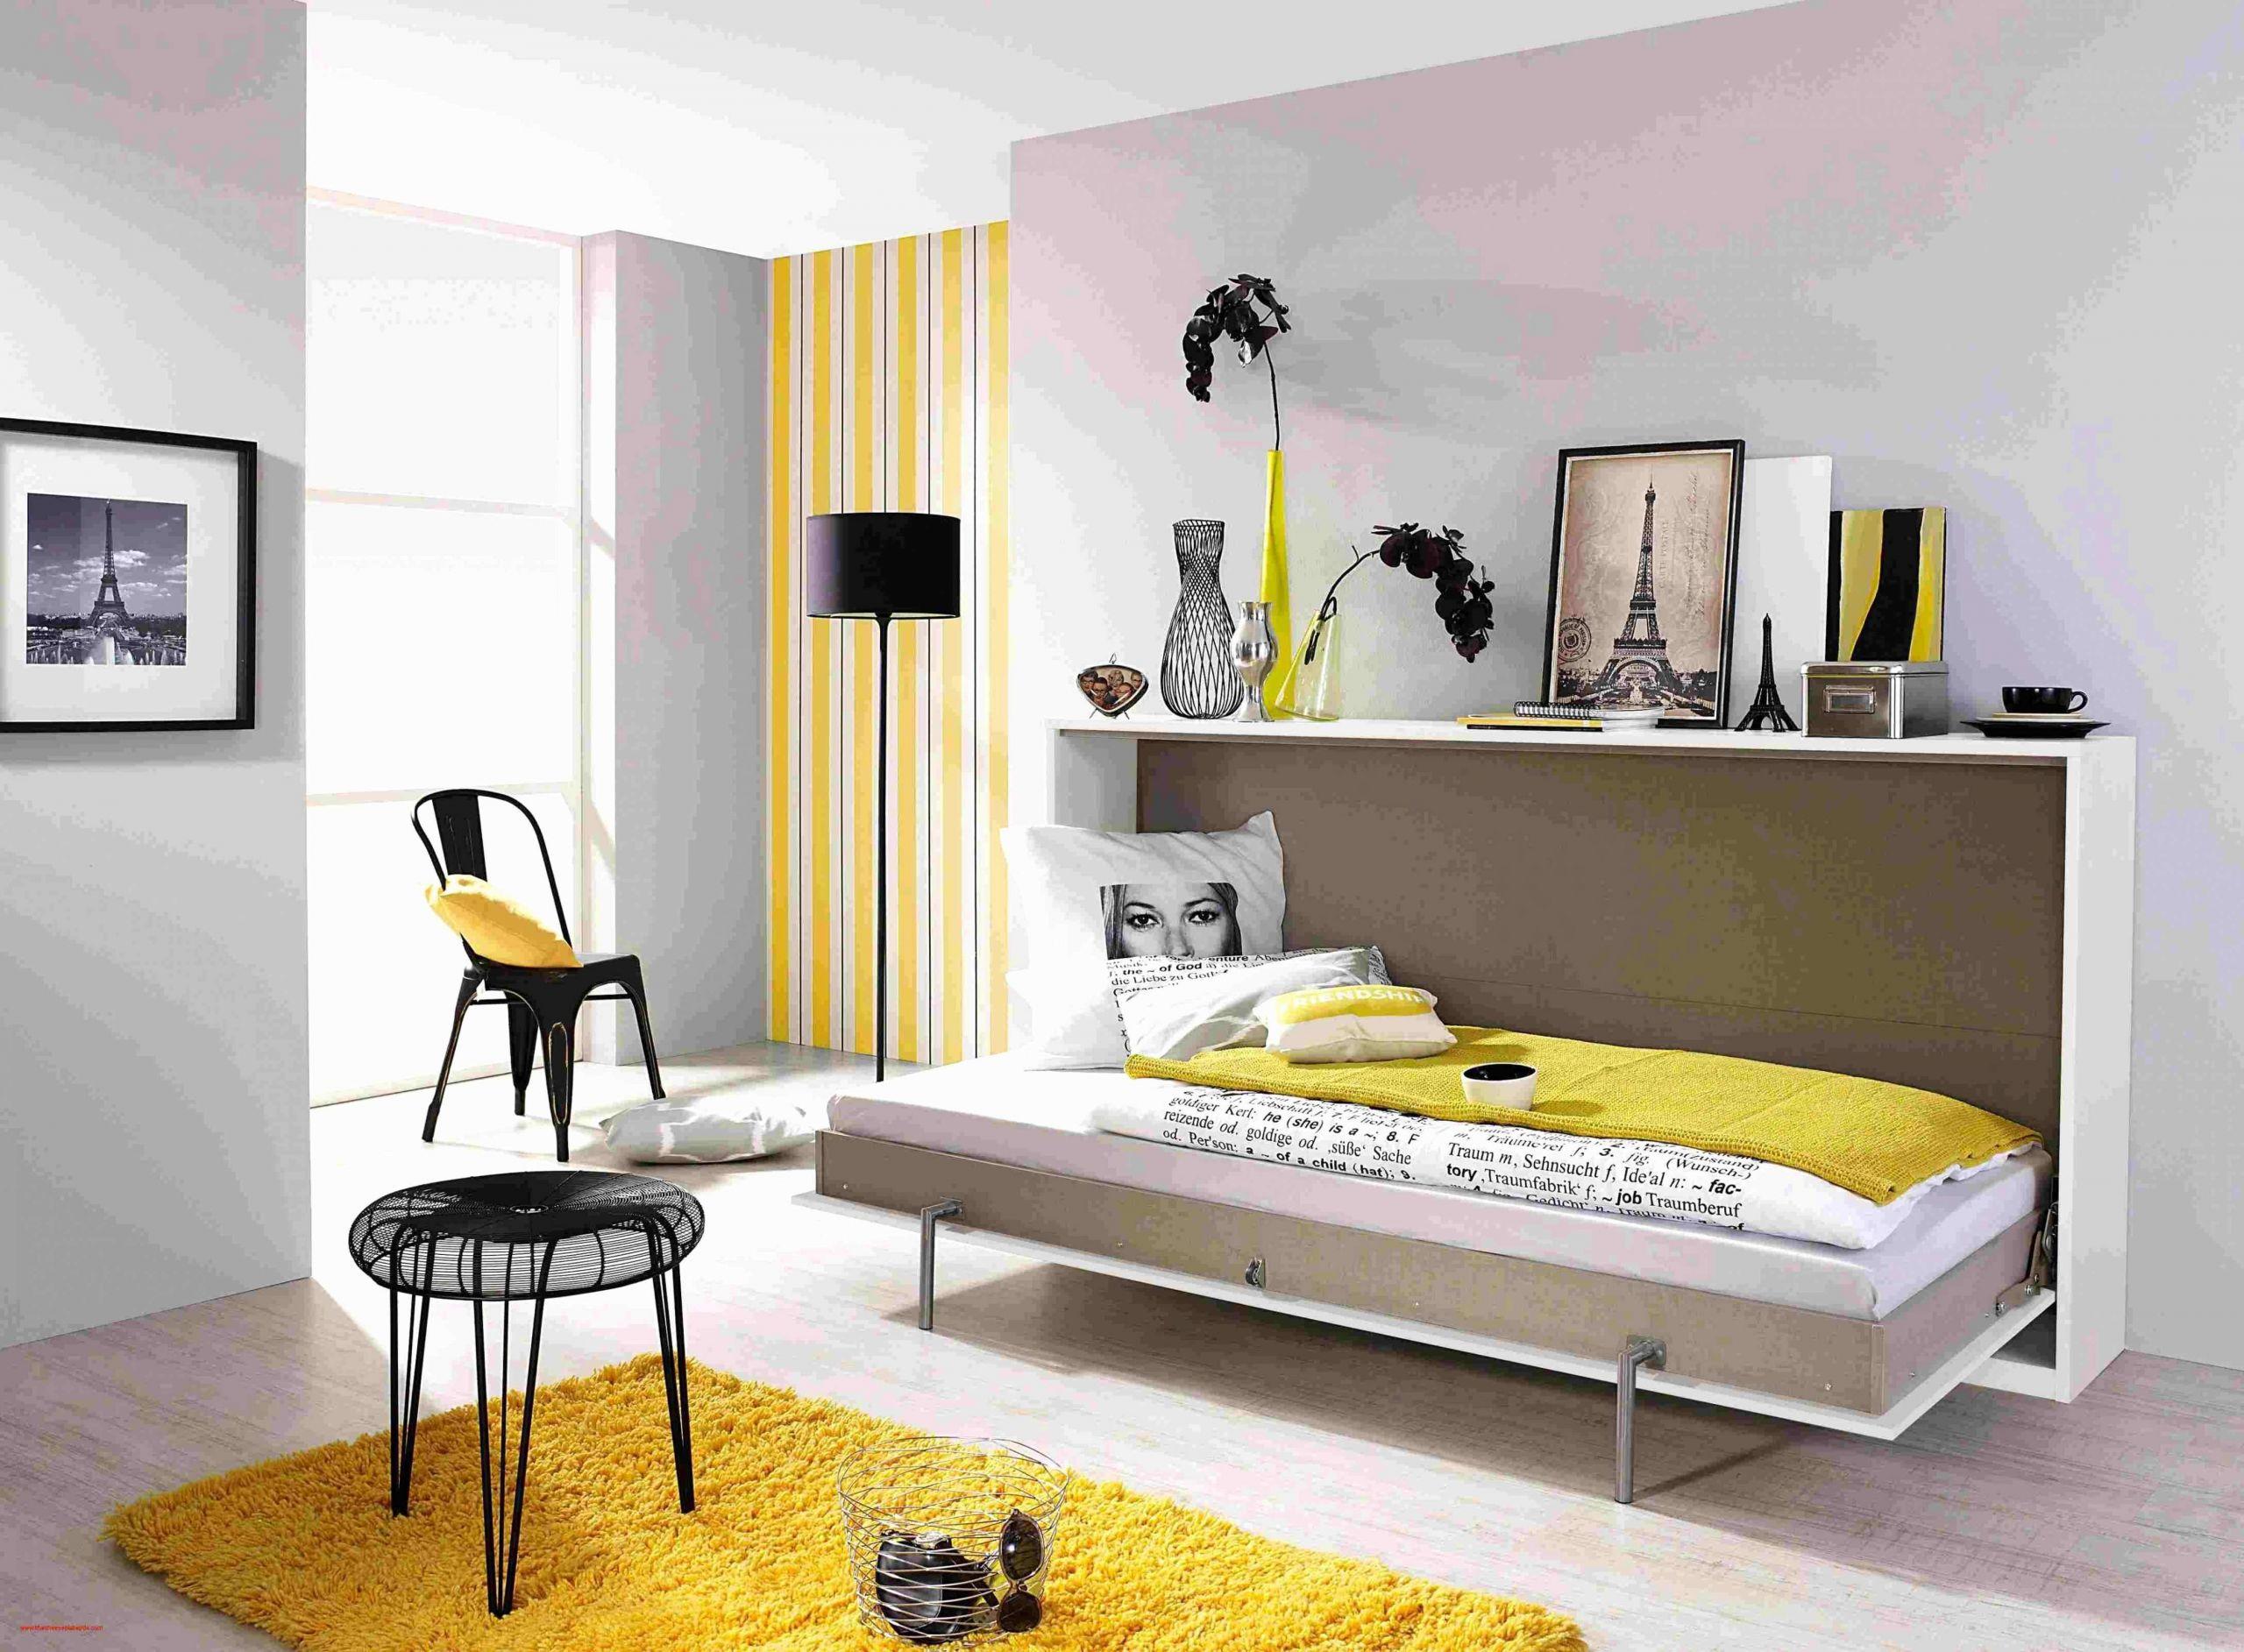 eckregale fur wohnzimmer schon 50 einzigartig von leinwandbilder fur wohnzimmer design of eckregale fur wohnzimmer